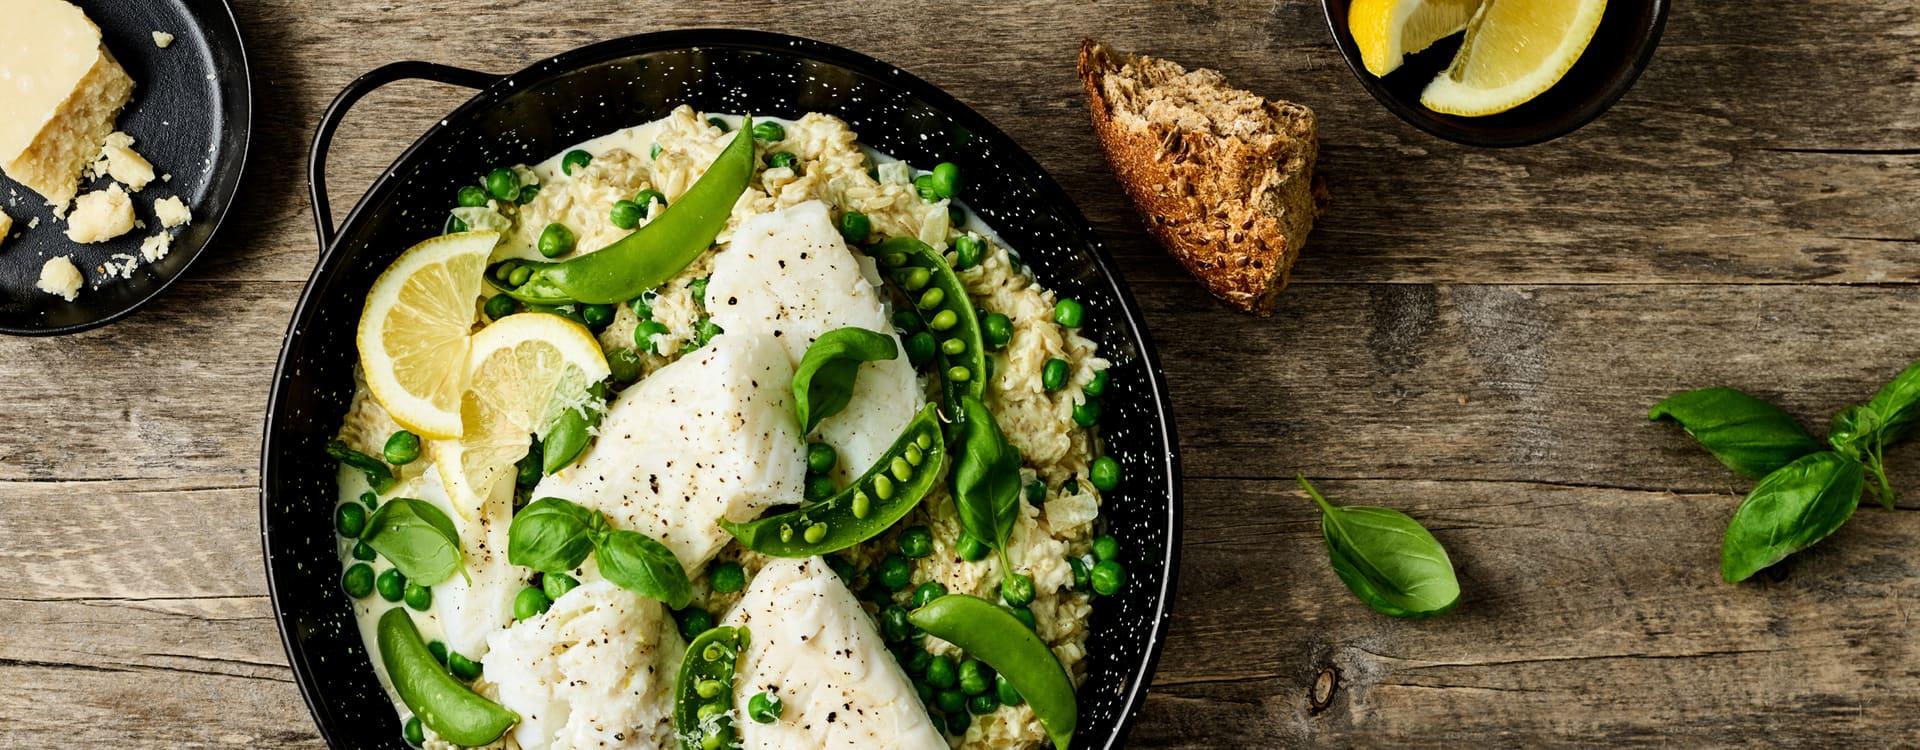 Torskegryte med ris og erter